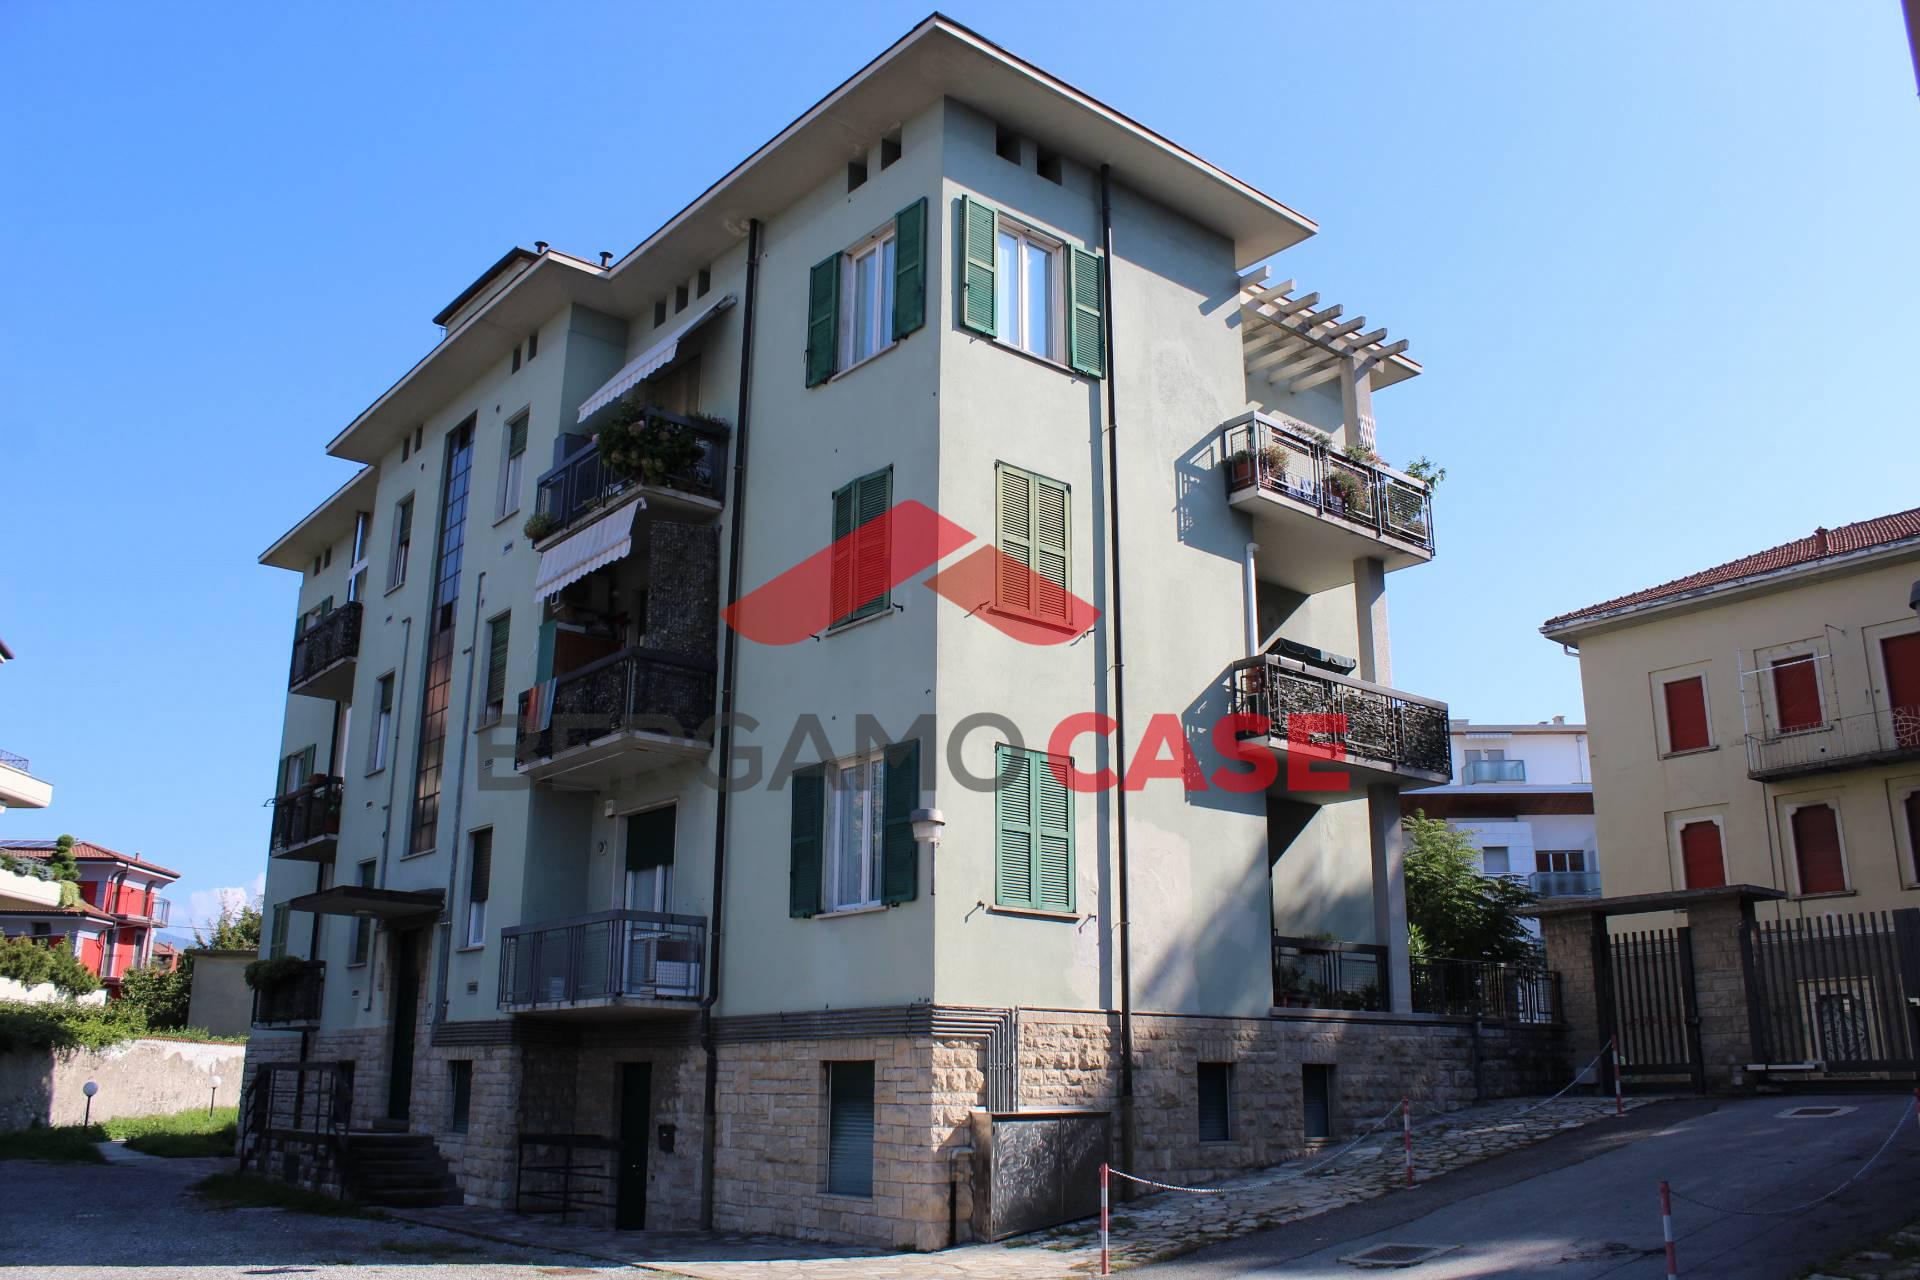 vendita appartamento bergamo borgo palazzo media  80000 euro  2 locali  60 mq